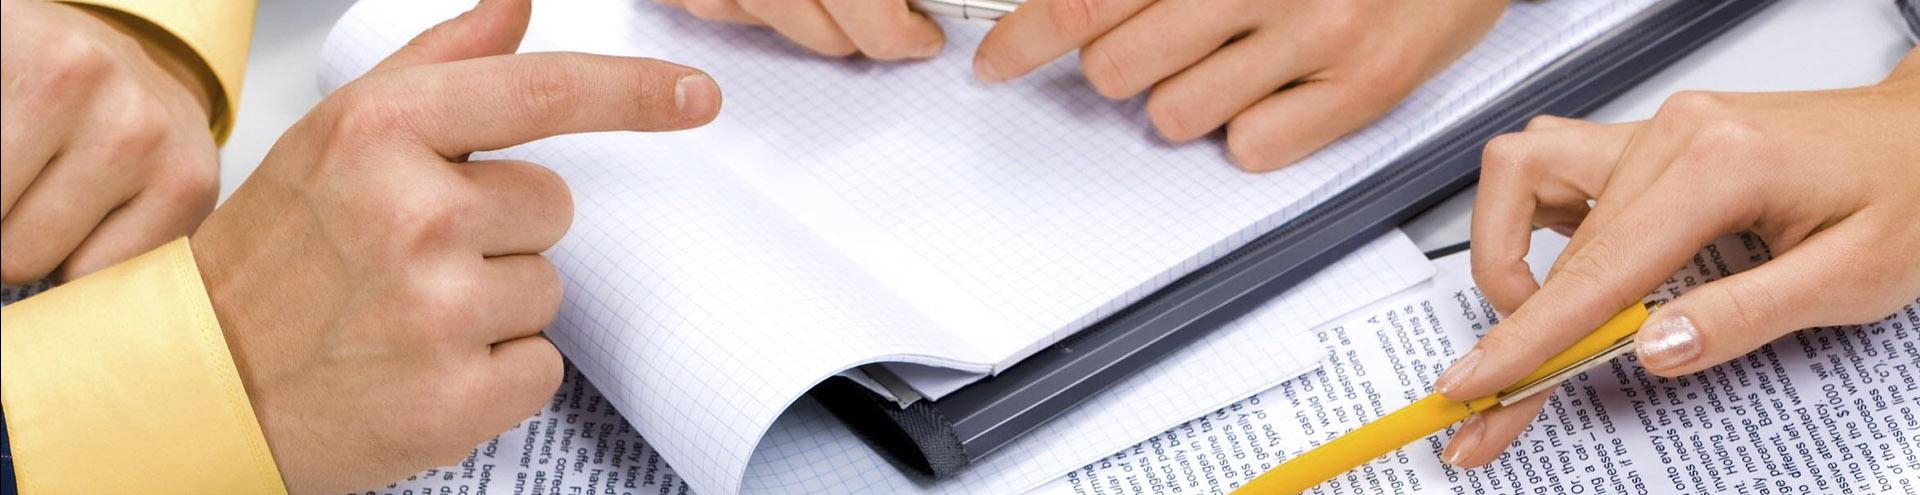 административное дело - рассмотрение административного дела в Самаре